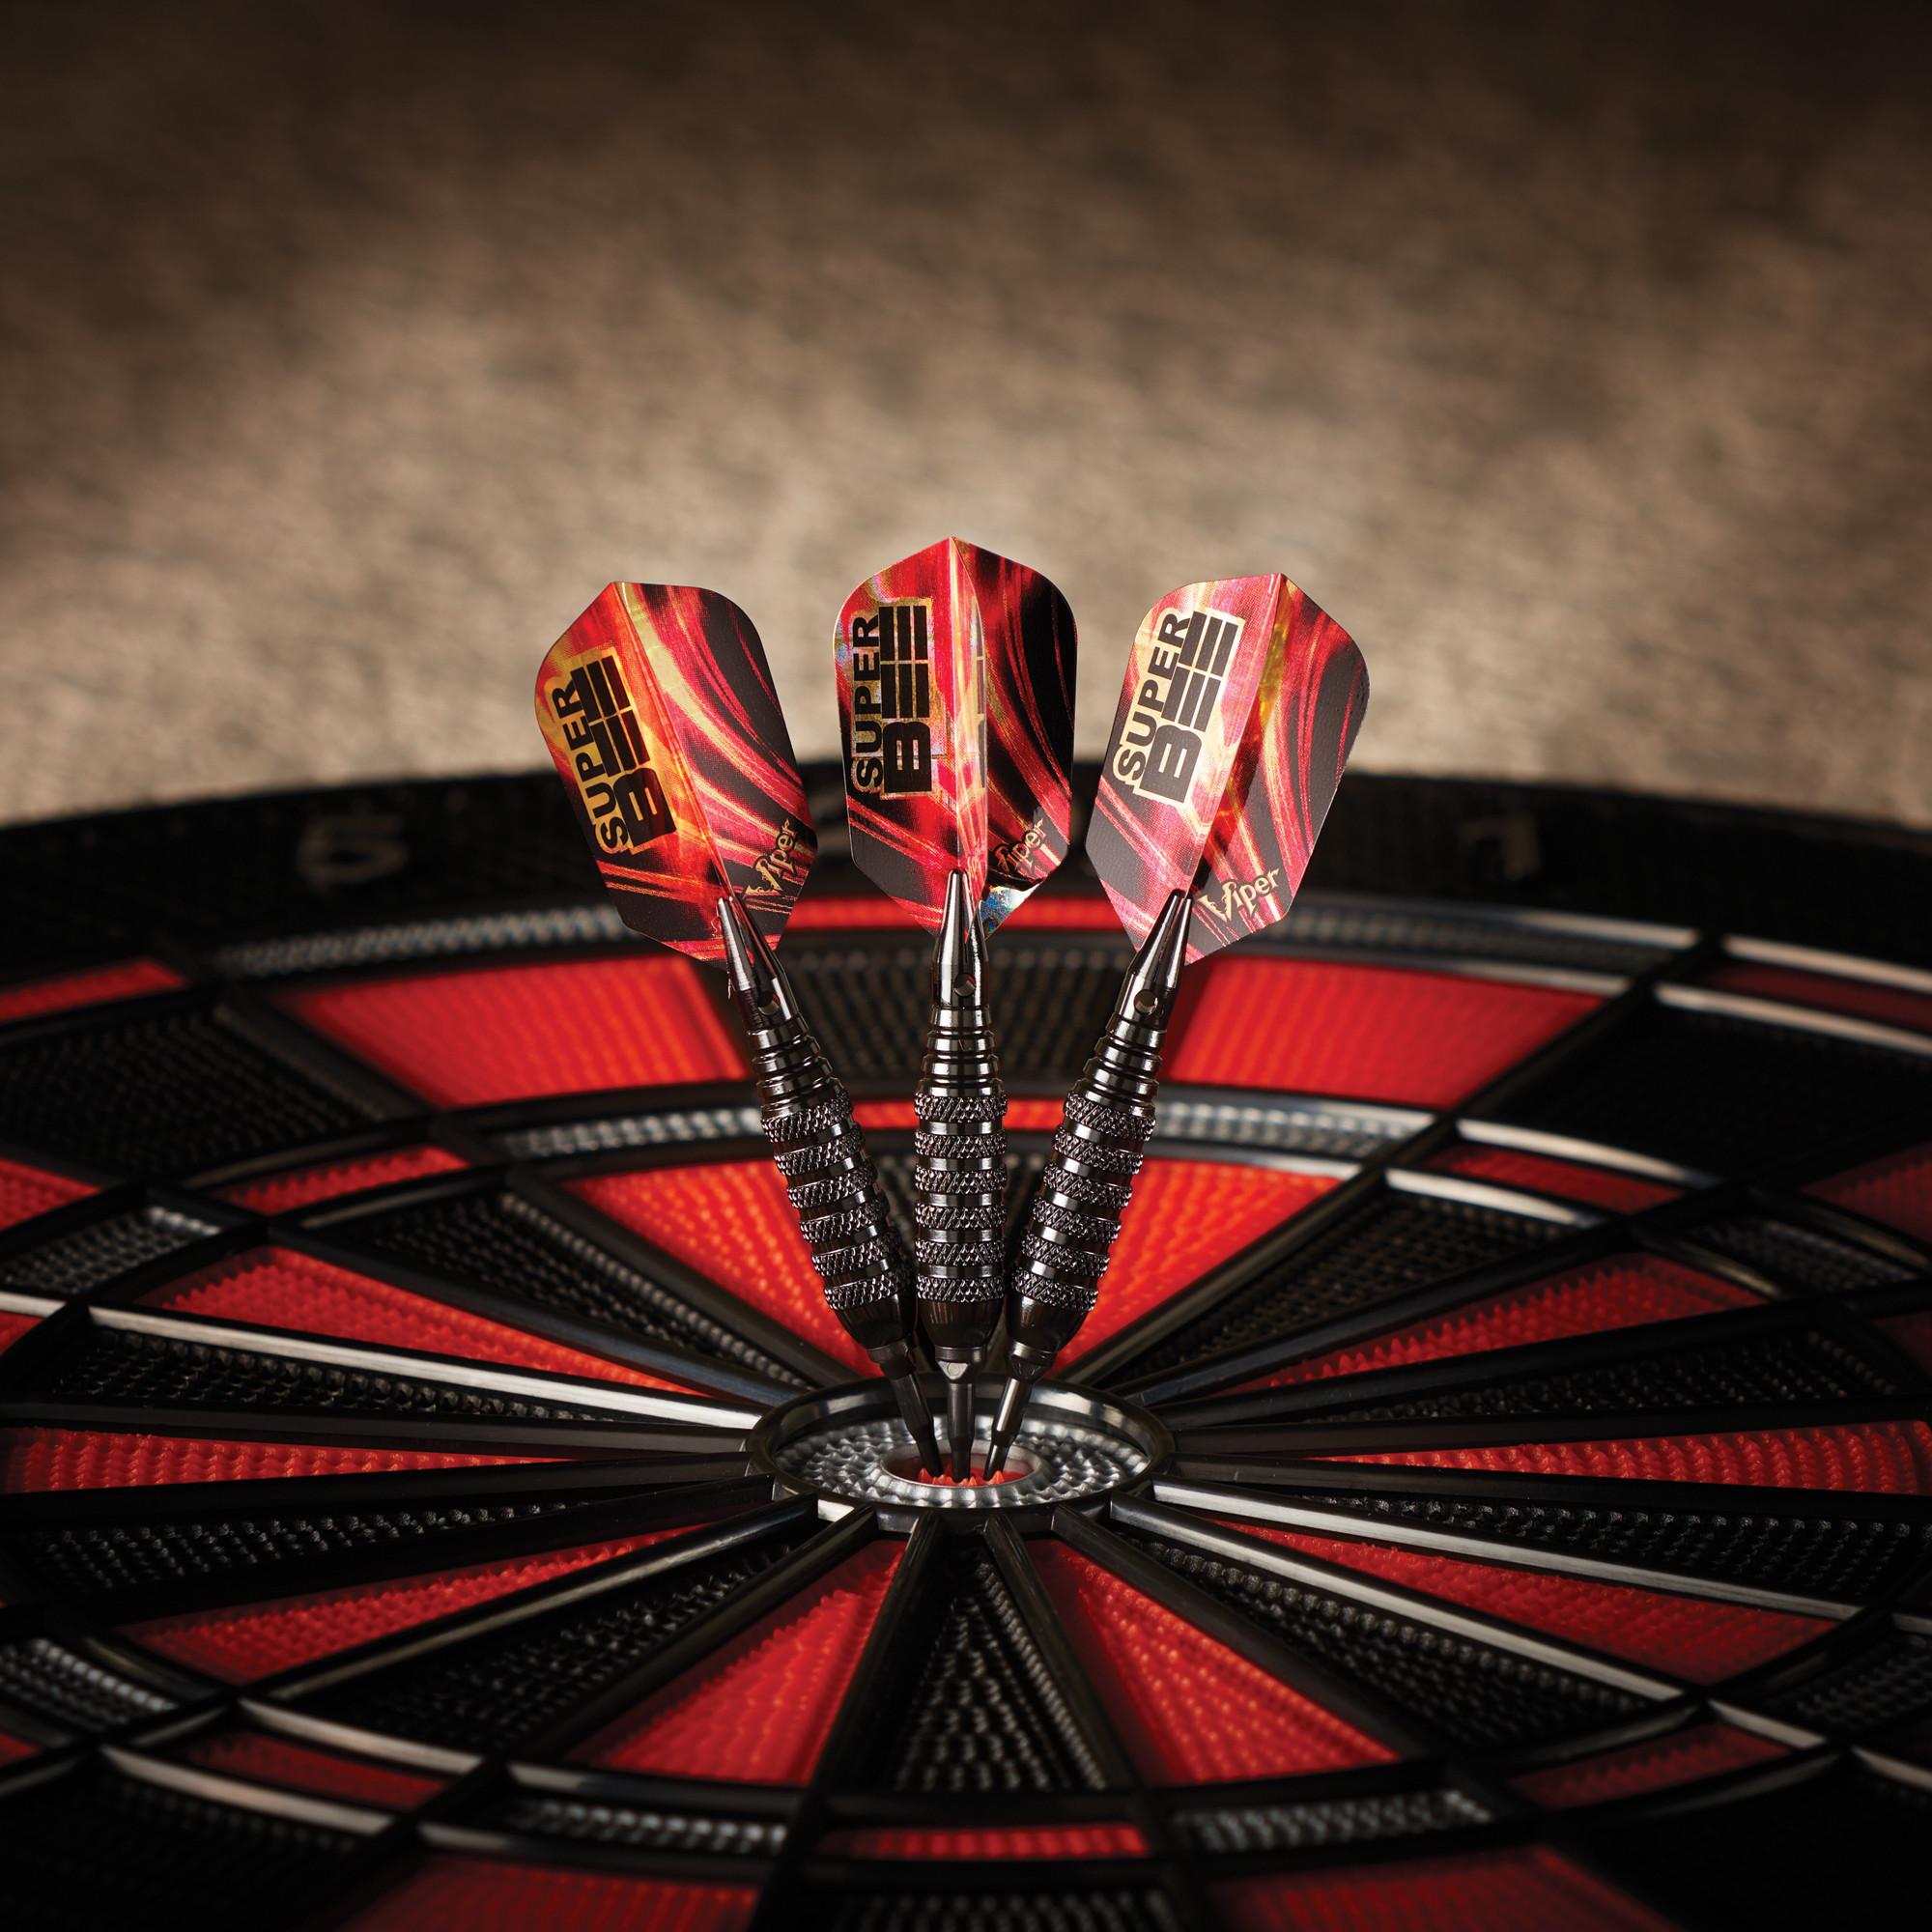 Viper-Super-Bee-Soft-Tip-Darts-16-Grams